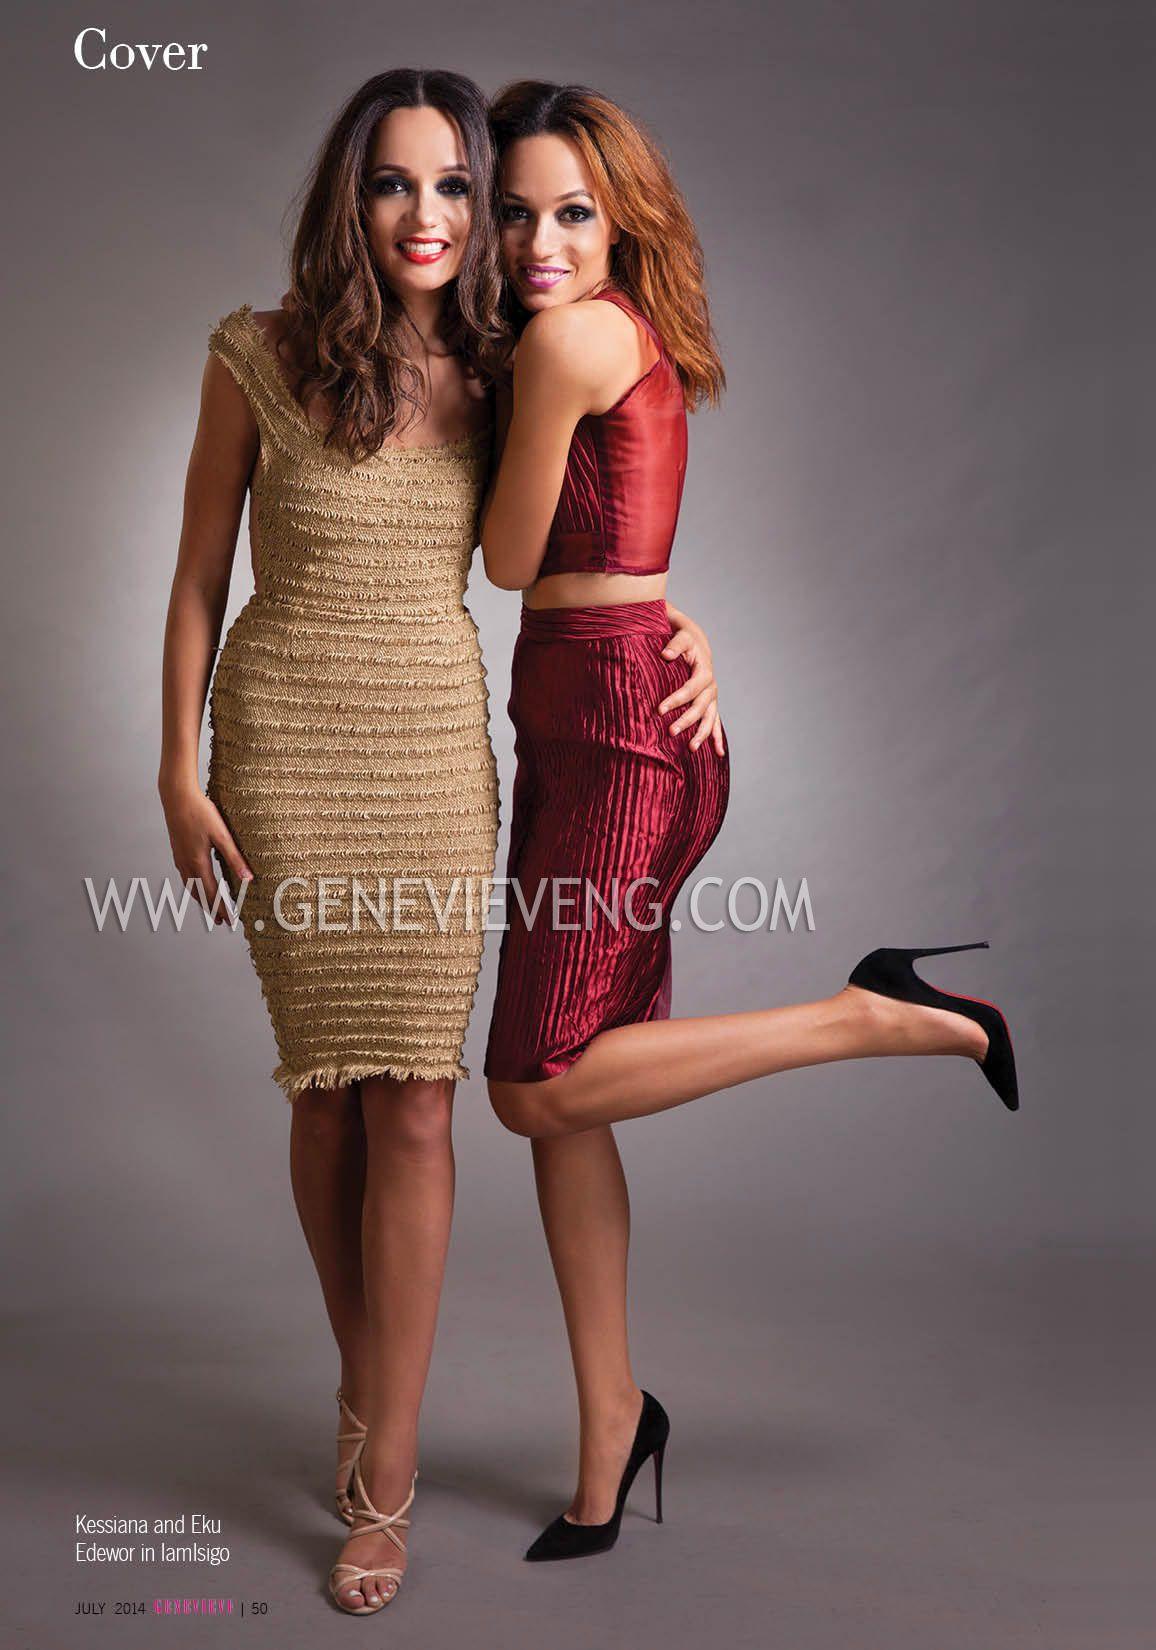 Eku & Kessiana Edewor - July 2014 - Genevieve Magazine - BellaNaija.com 02